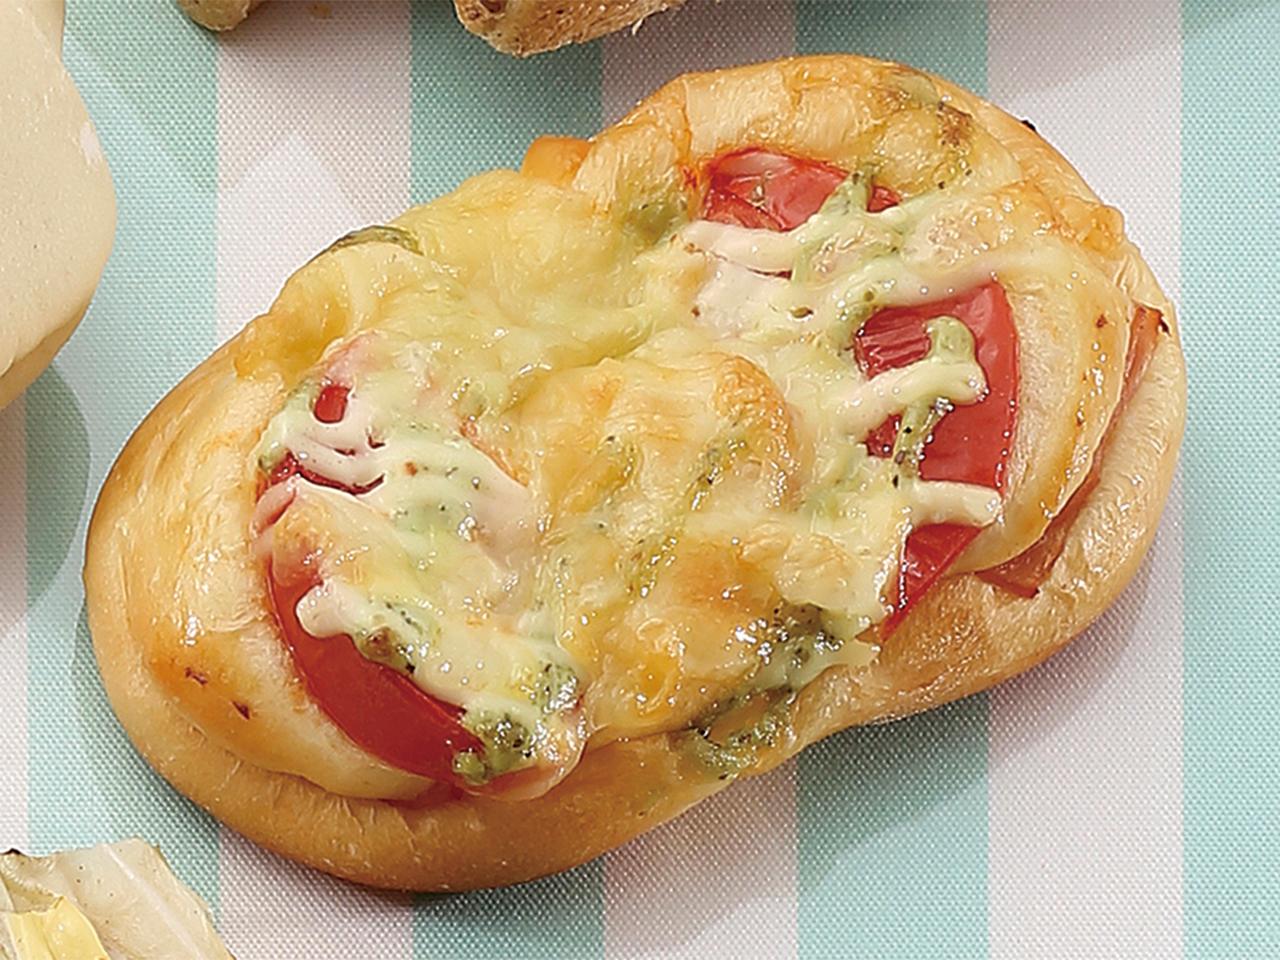 パクッと食べて幸せ顔に 初夏のおすすめパン